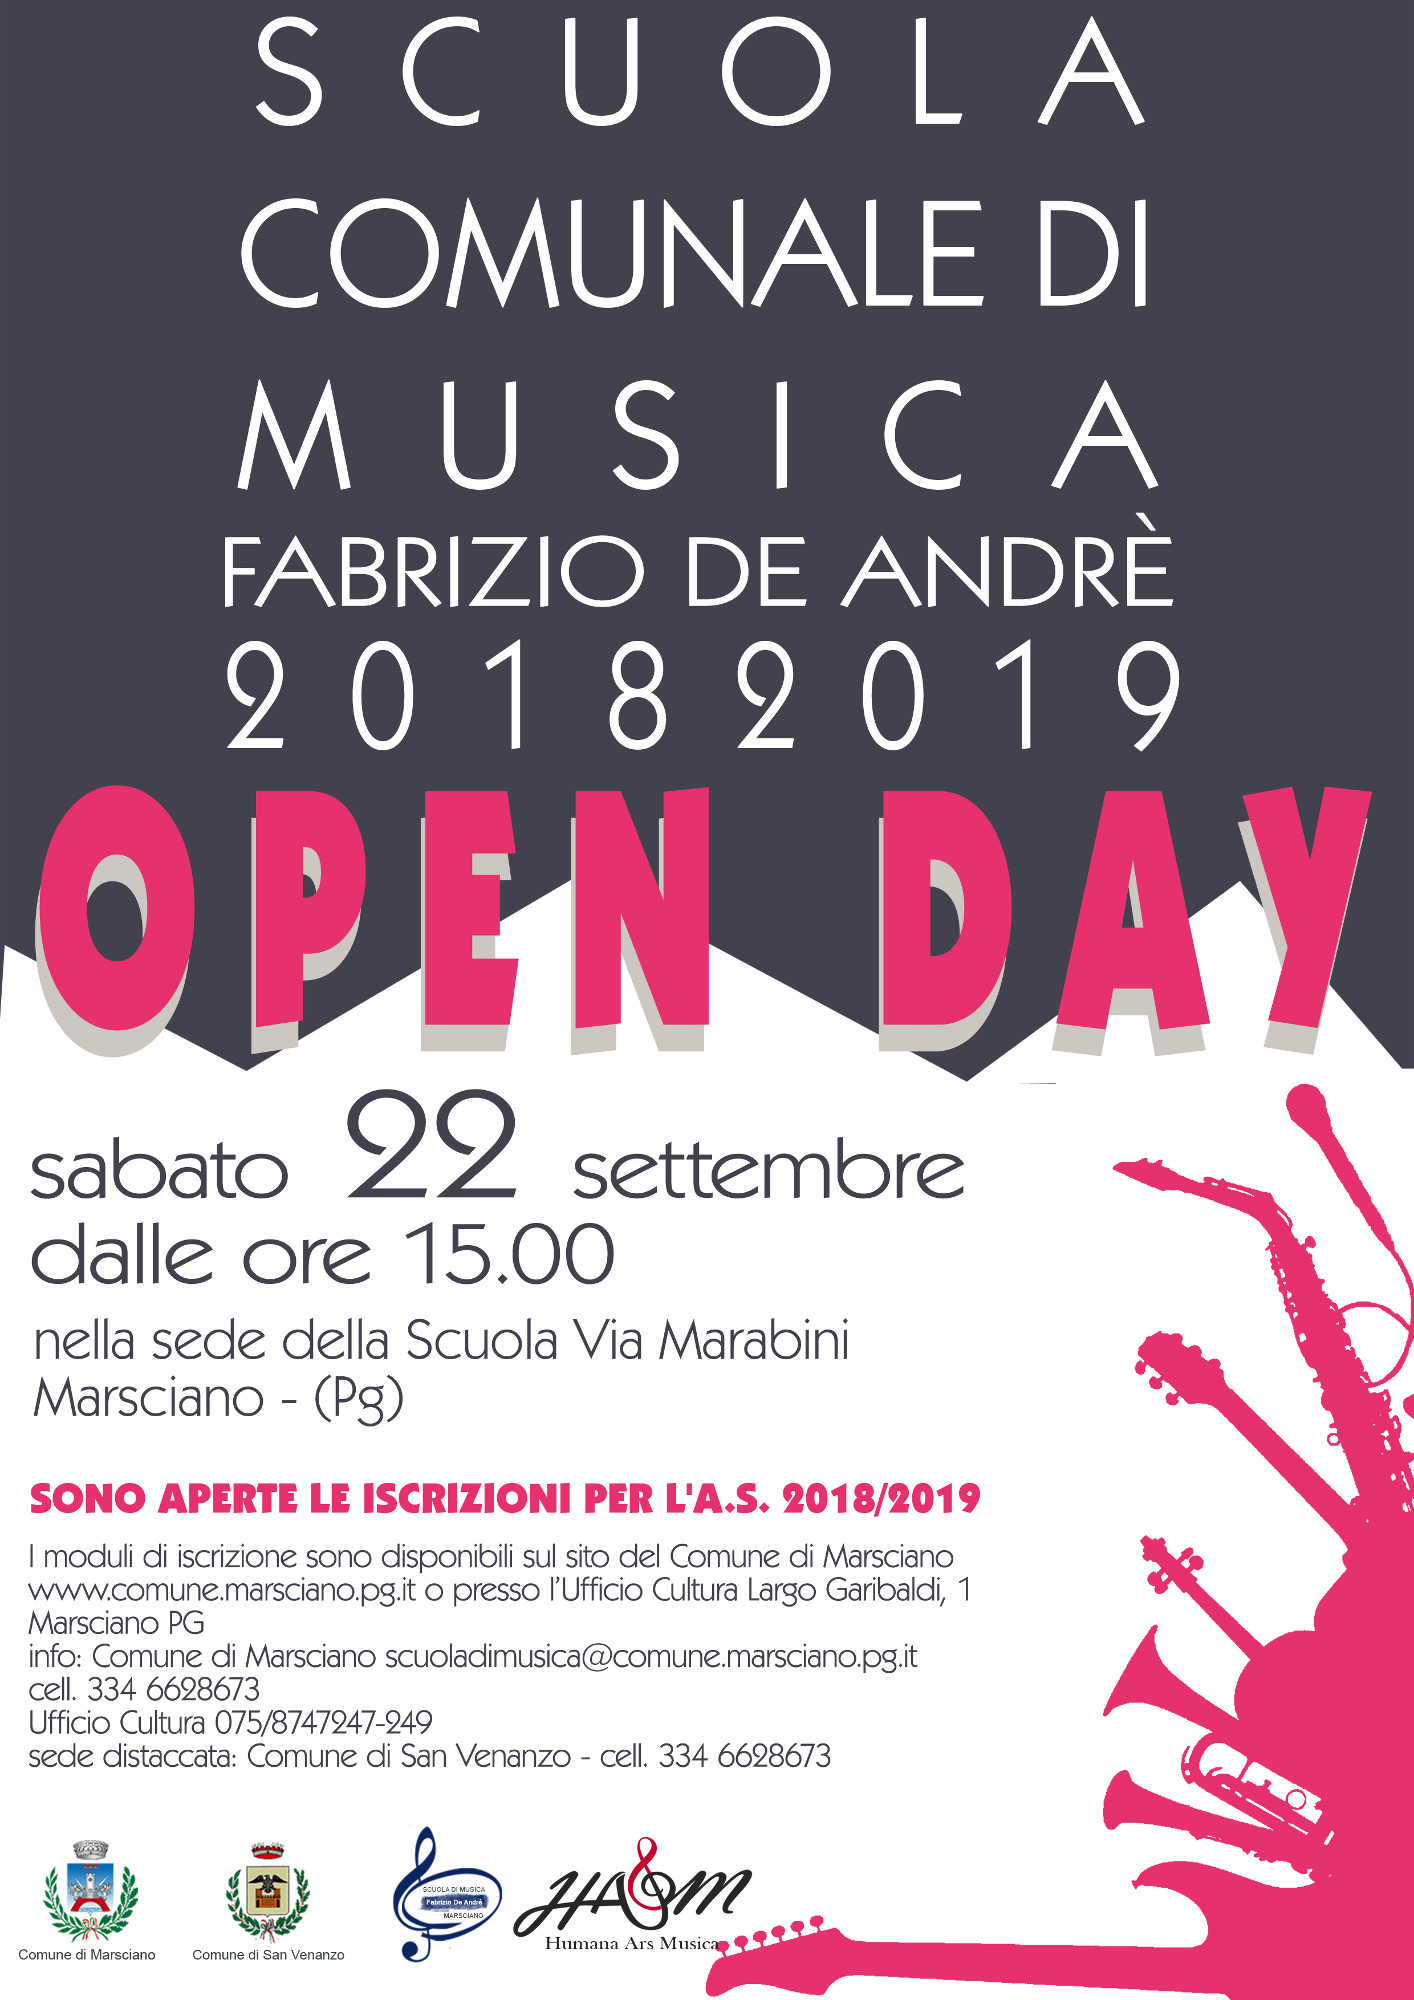 Locandina Open Day della Scuola comunale di Musica